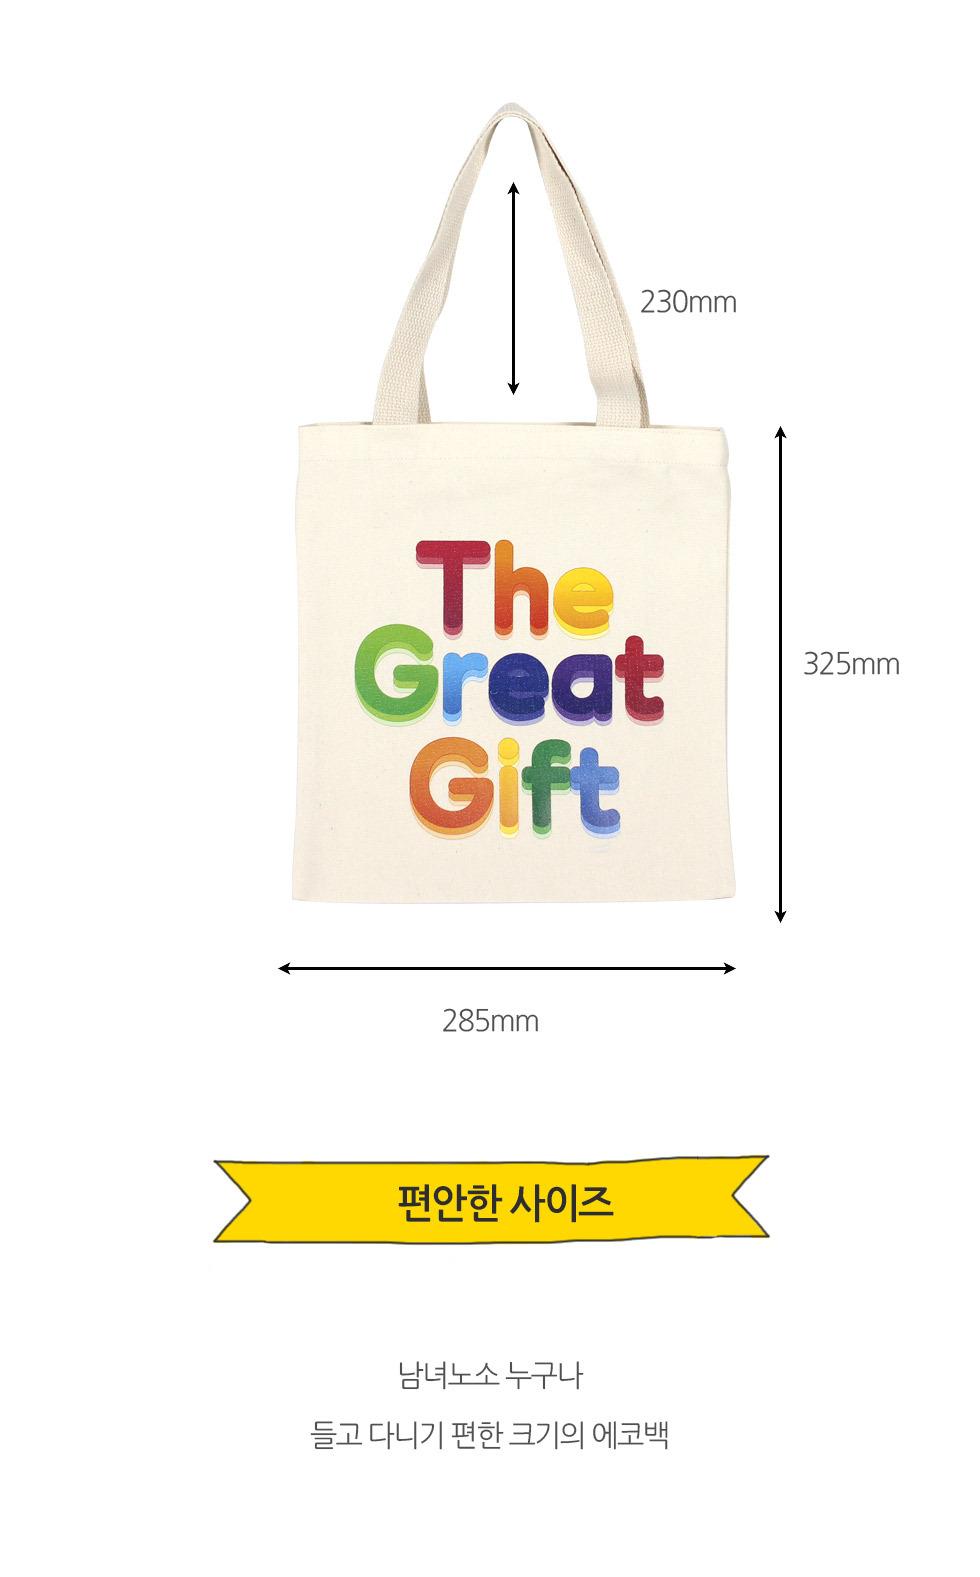 메시지 에코백 The Great Gift (더그레이트기프트) 위대한 선물, 예장합동 편안한 사이즈 가로 28.5센티미터, 세로 32.5센티미터